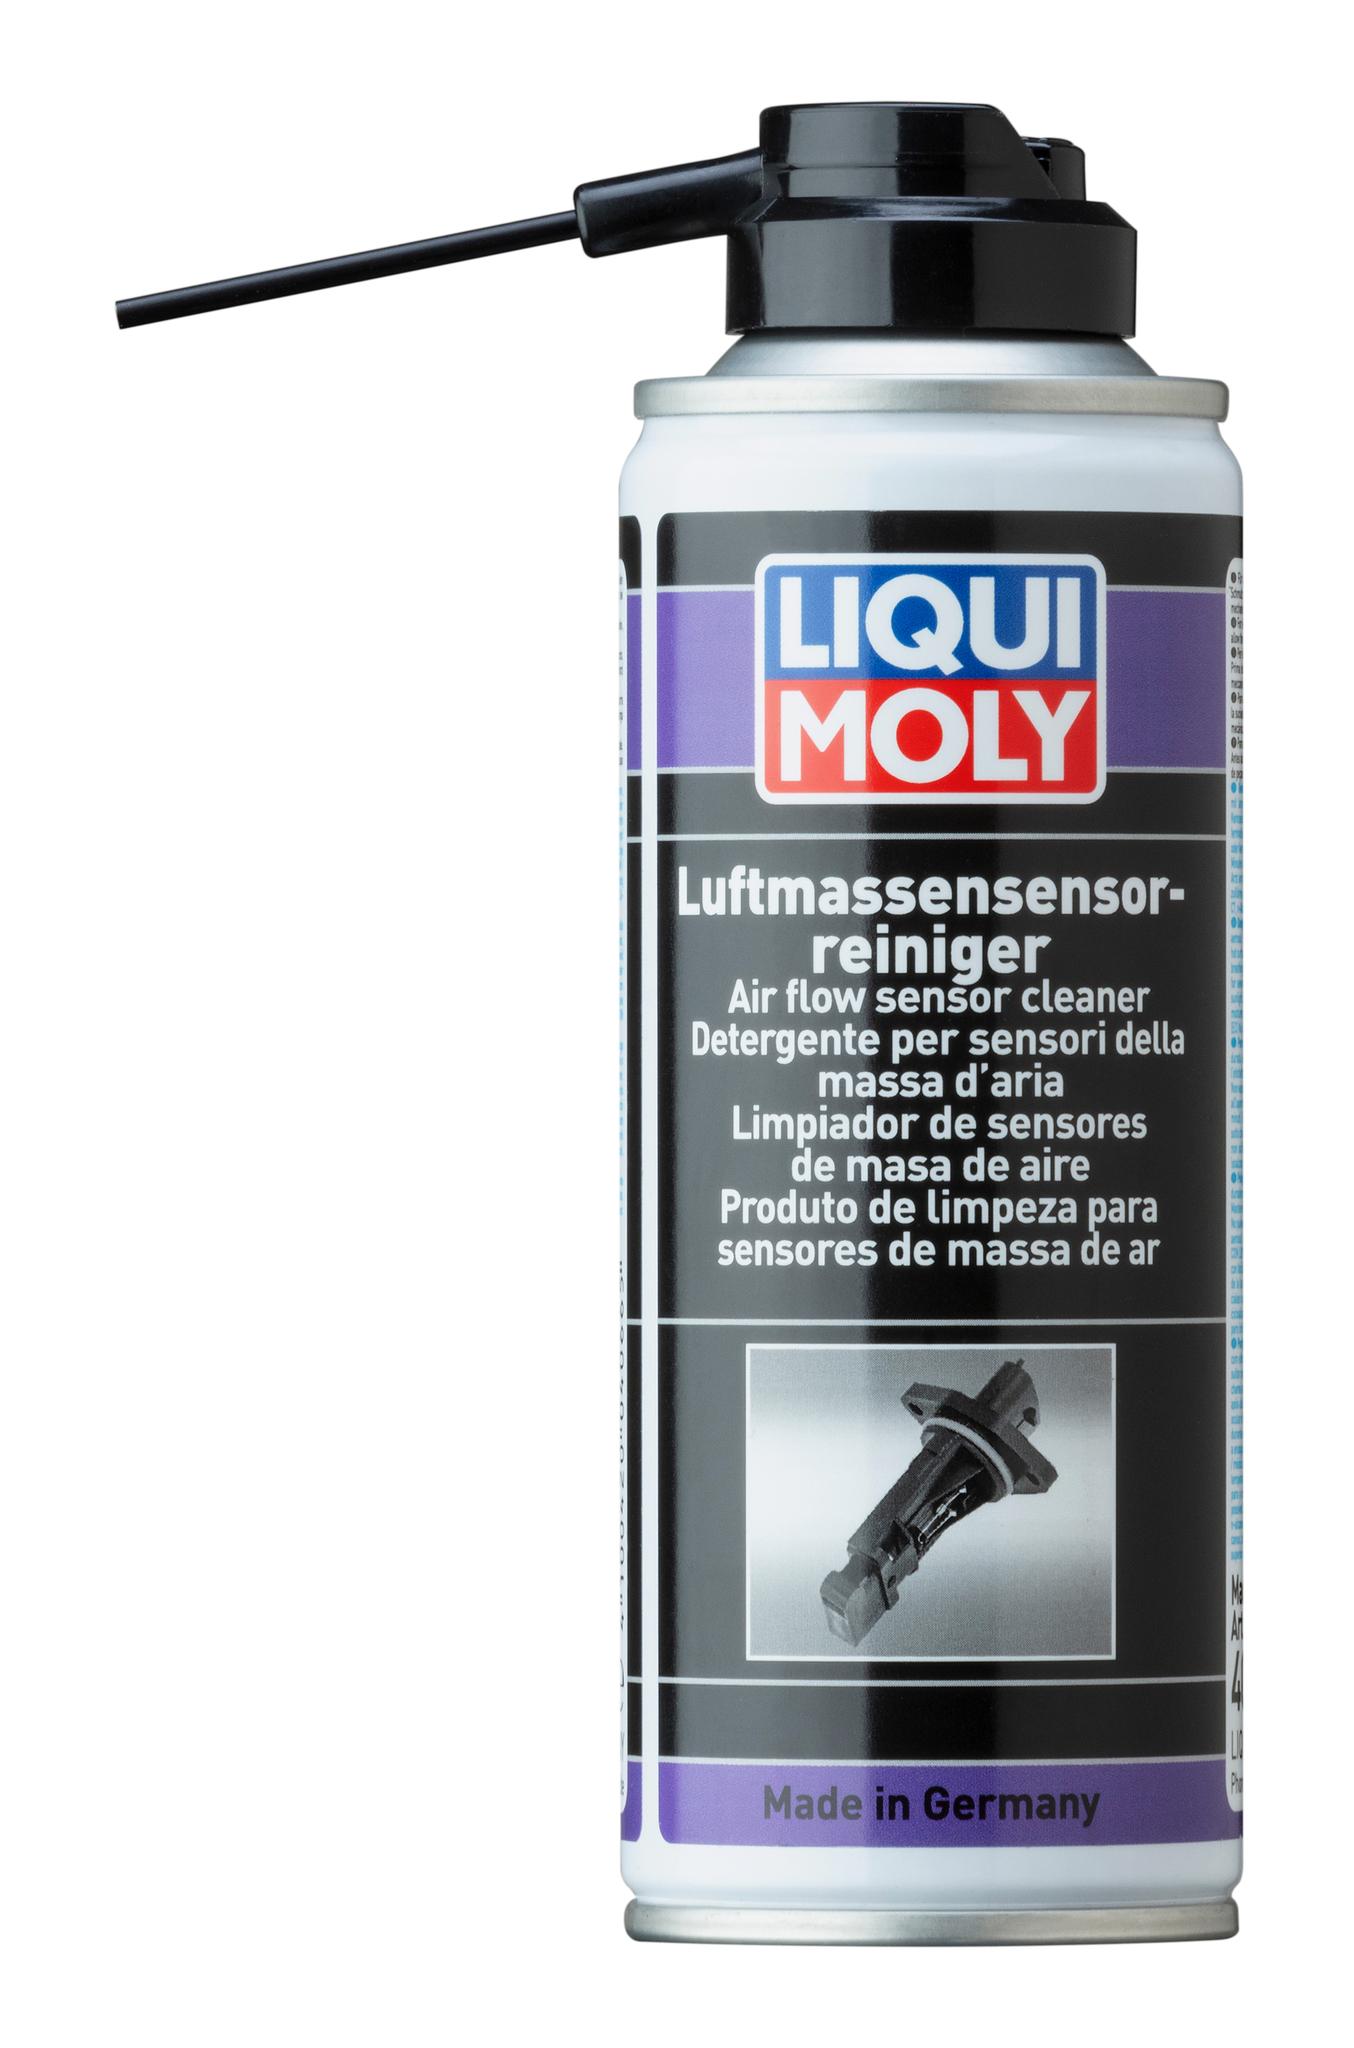 Liqui Moly Luftmassensensor Reiniger Очиститель ДМРВ (датчик расхода воздуха)